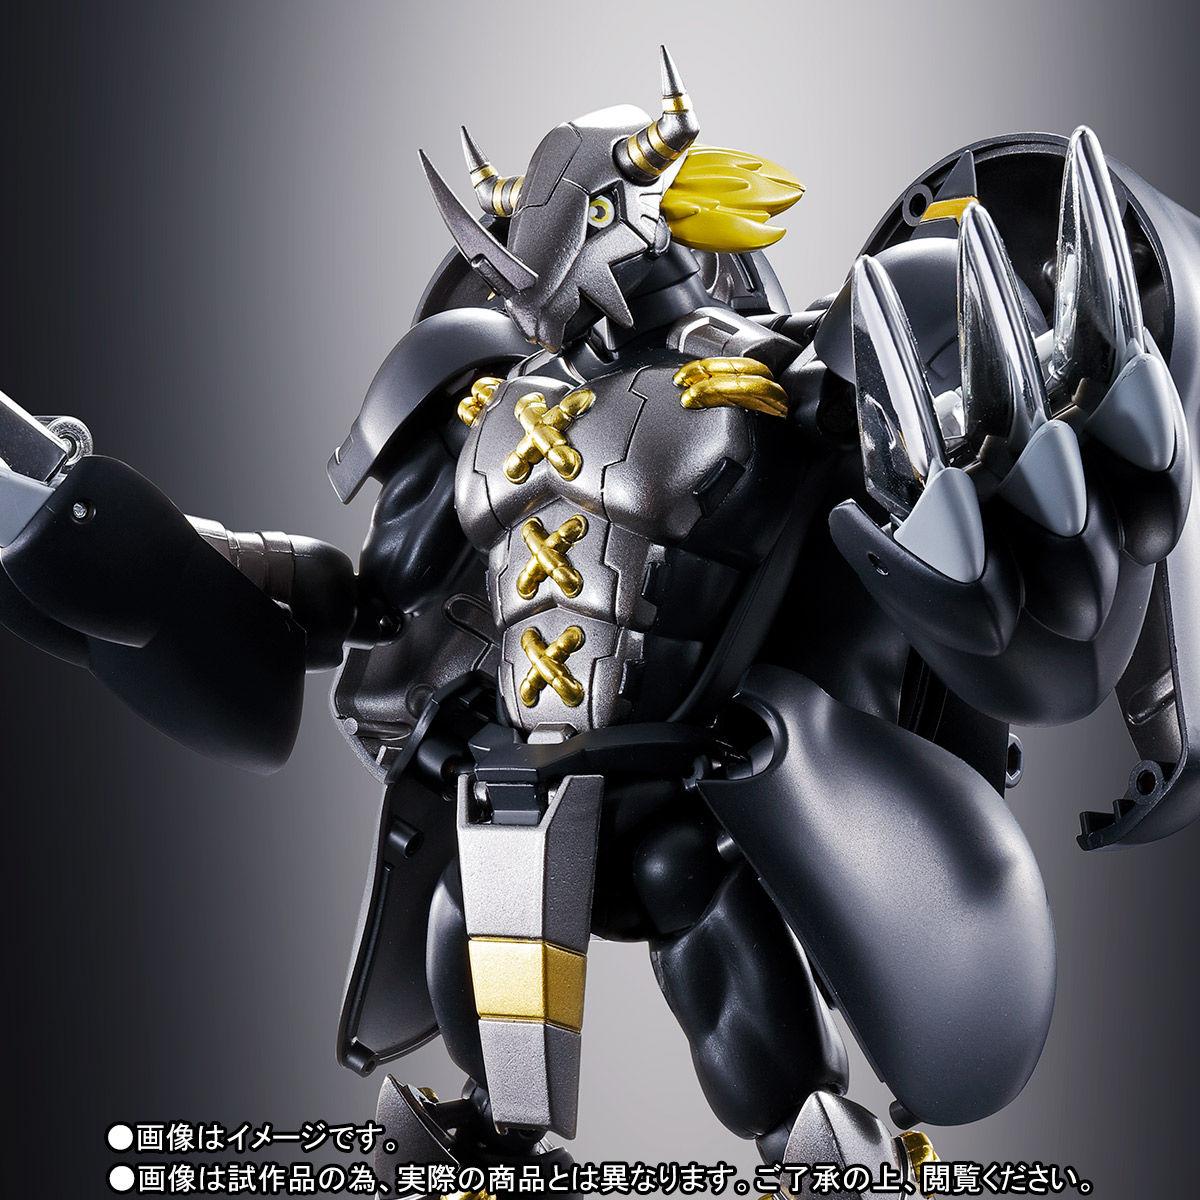 超進化魂 08『ブラックウォーグレイモン』デジモンアドベンチャー 可変可動フィギュア-001